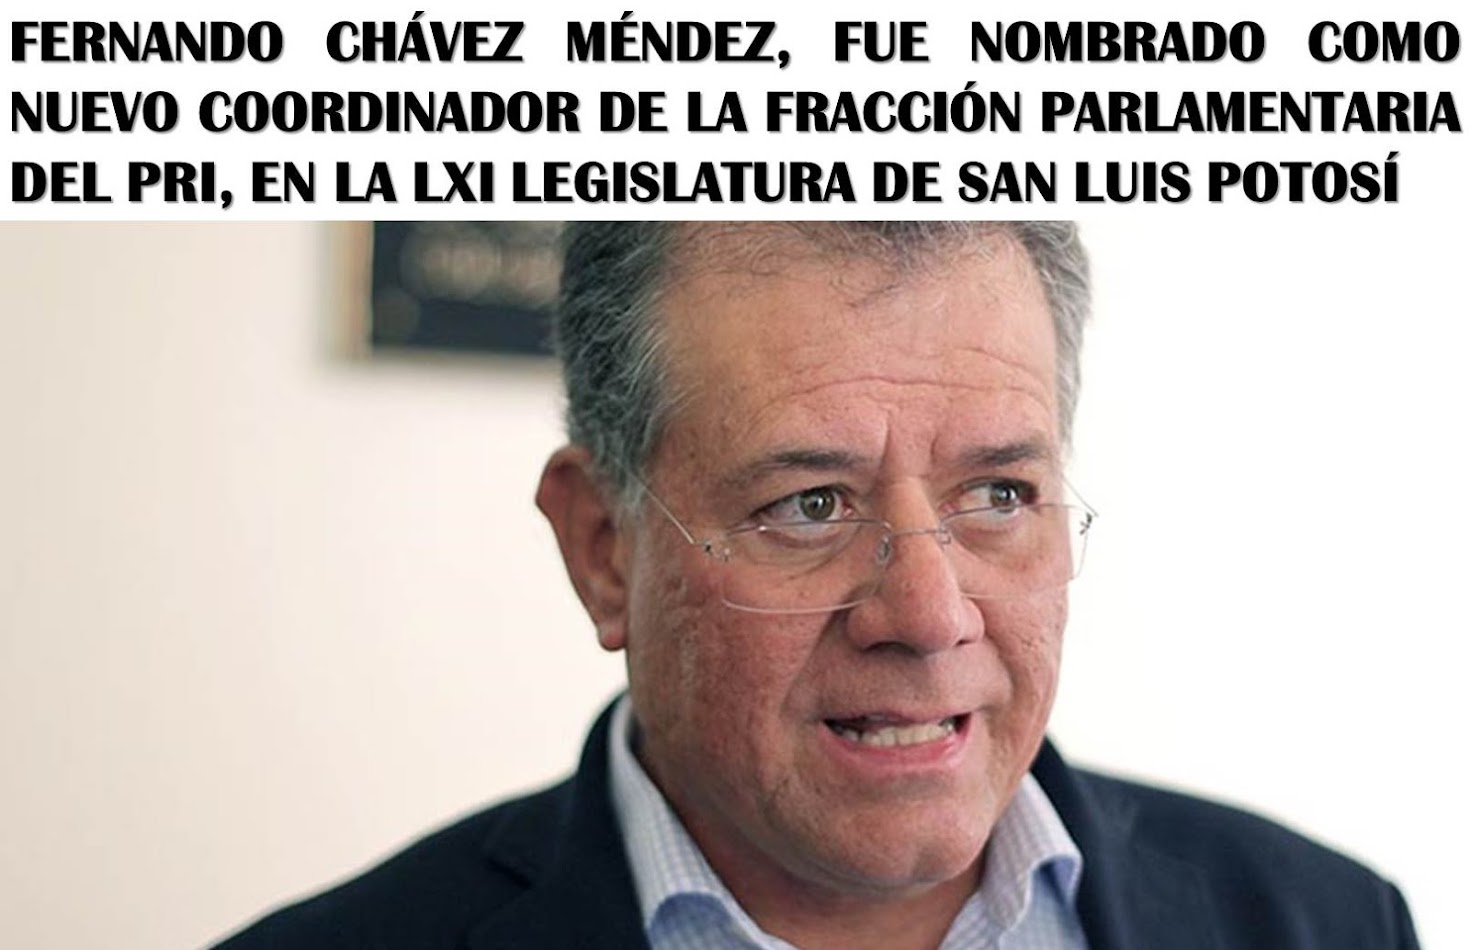 ACUERDOS A TU FAVOR: LXI LEGISLATURA DE SAN LUIS POTOSÍ